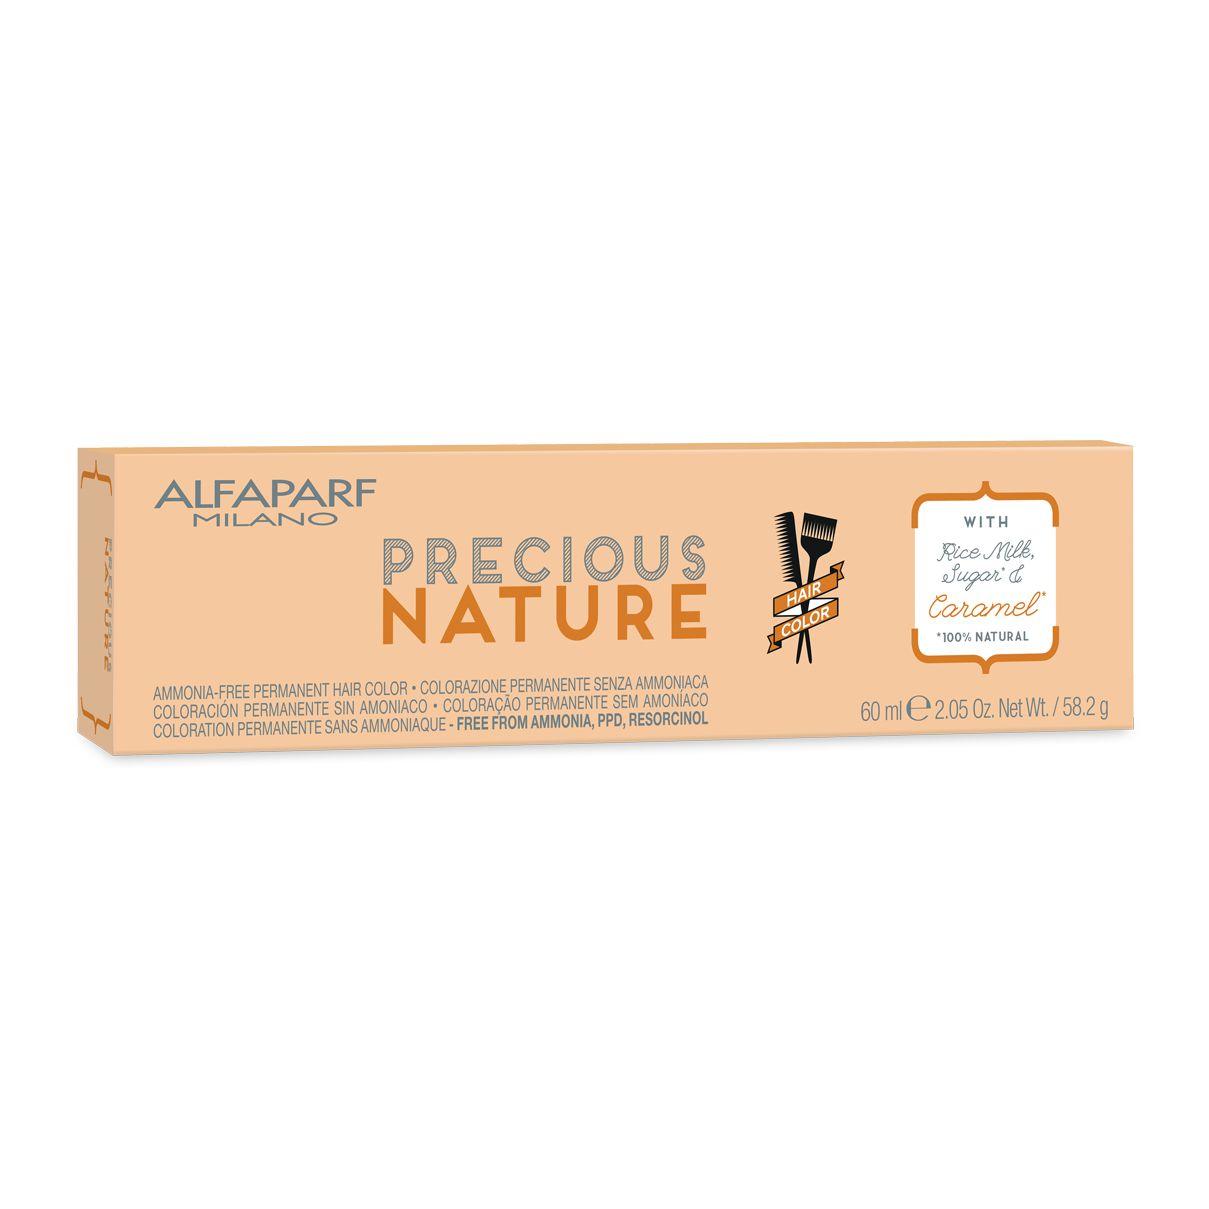 Alfaparf Milano-Precious Nature Hair Color Creme de Coloração 8.32 Louro Claro Dourado Irisé 60ml